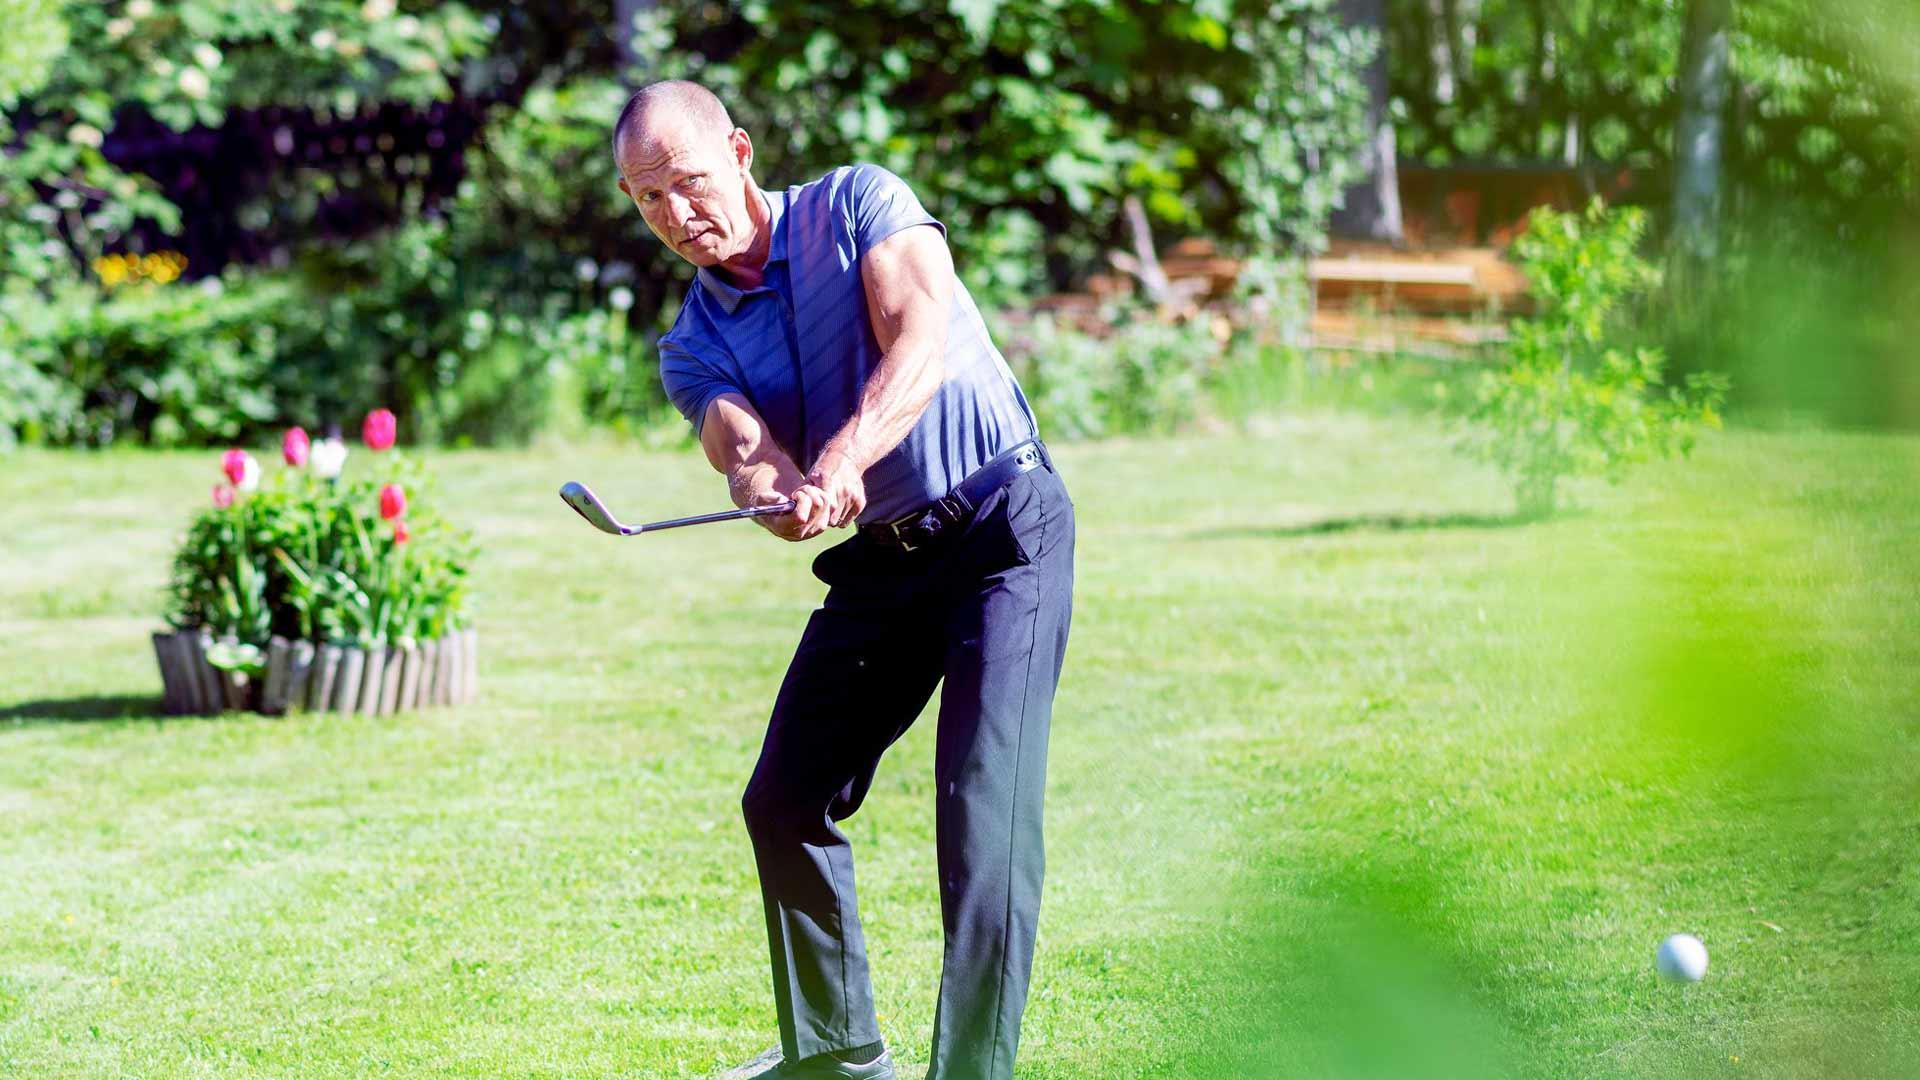 Jouni Hämäläinen löysi golfin muutama vuosi sitten. Sitä ennen hän ajatteli, että voisi ehkä kokeilla lajia joskus vanhuudenpäivillään. Nyt hänen tasoituksensa on 19.